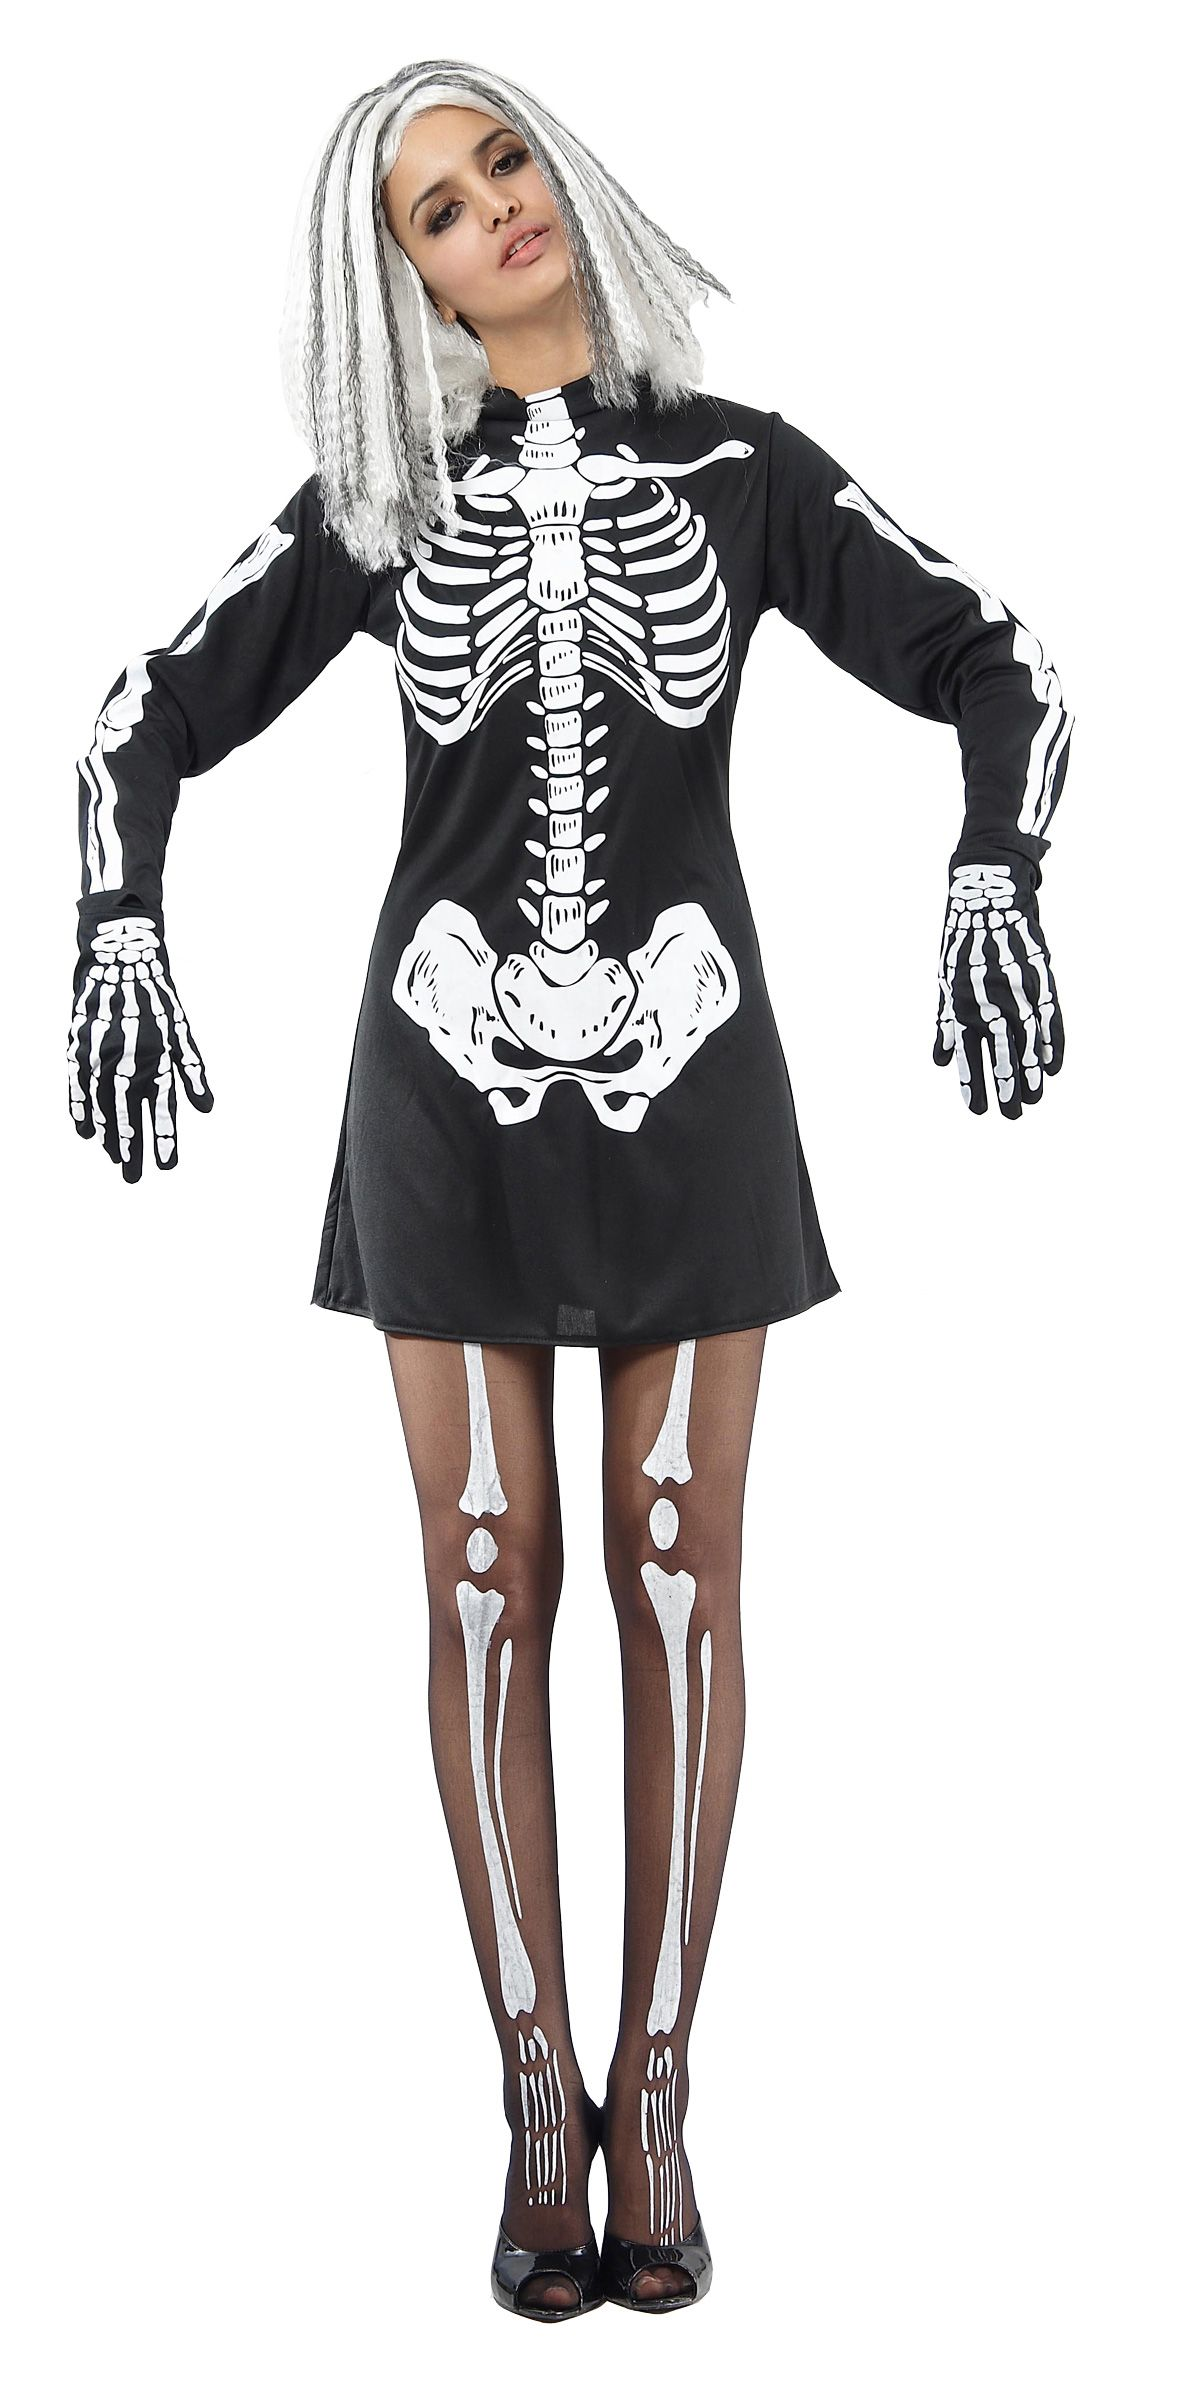 DisfracesMimo disfraz de esqueleto para mujer varias tallas En